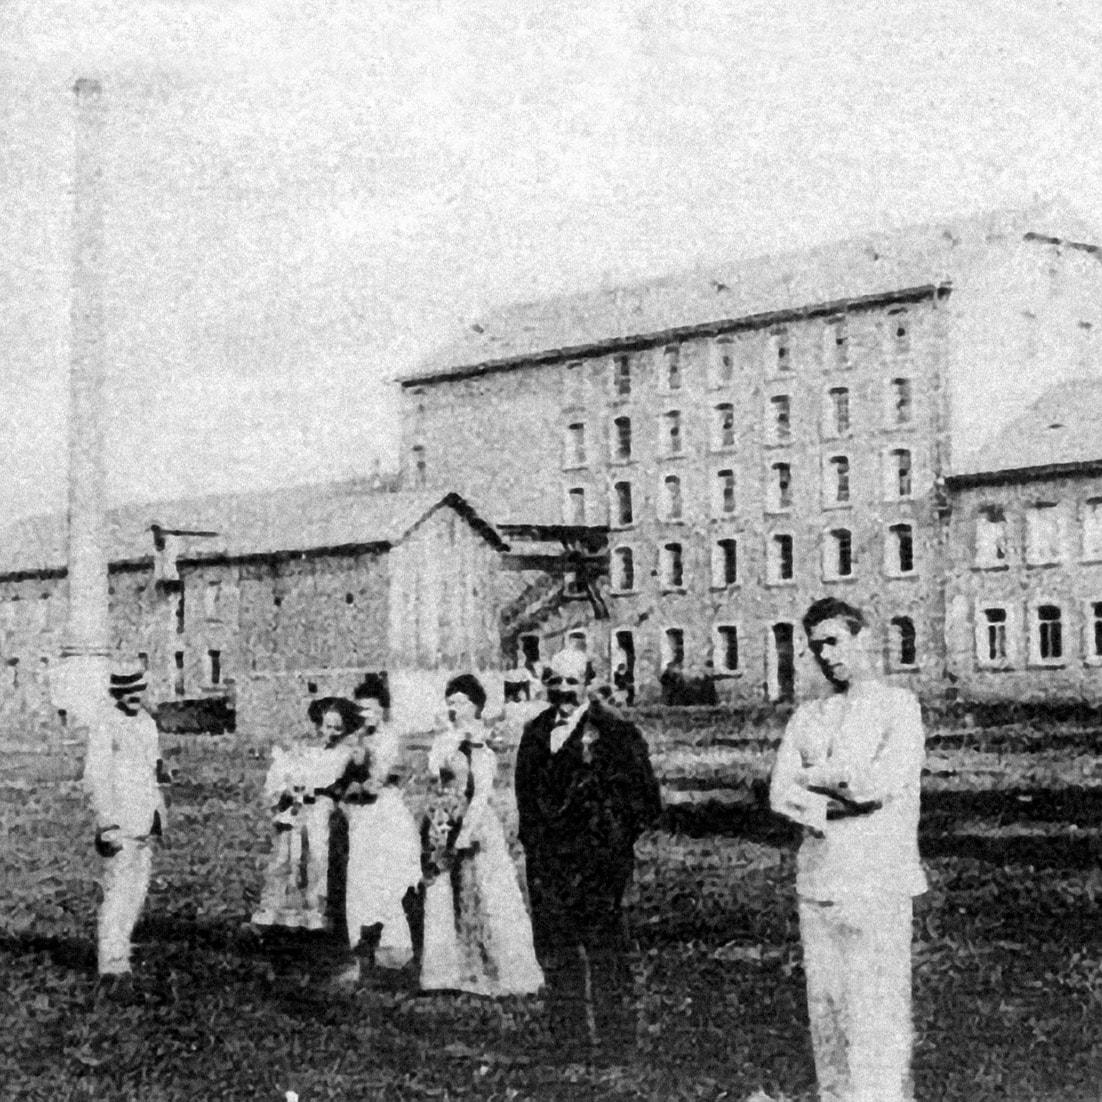 Le Moulin - Depuis 1704